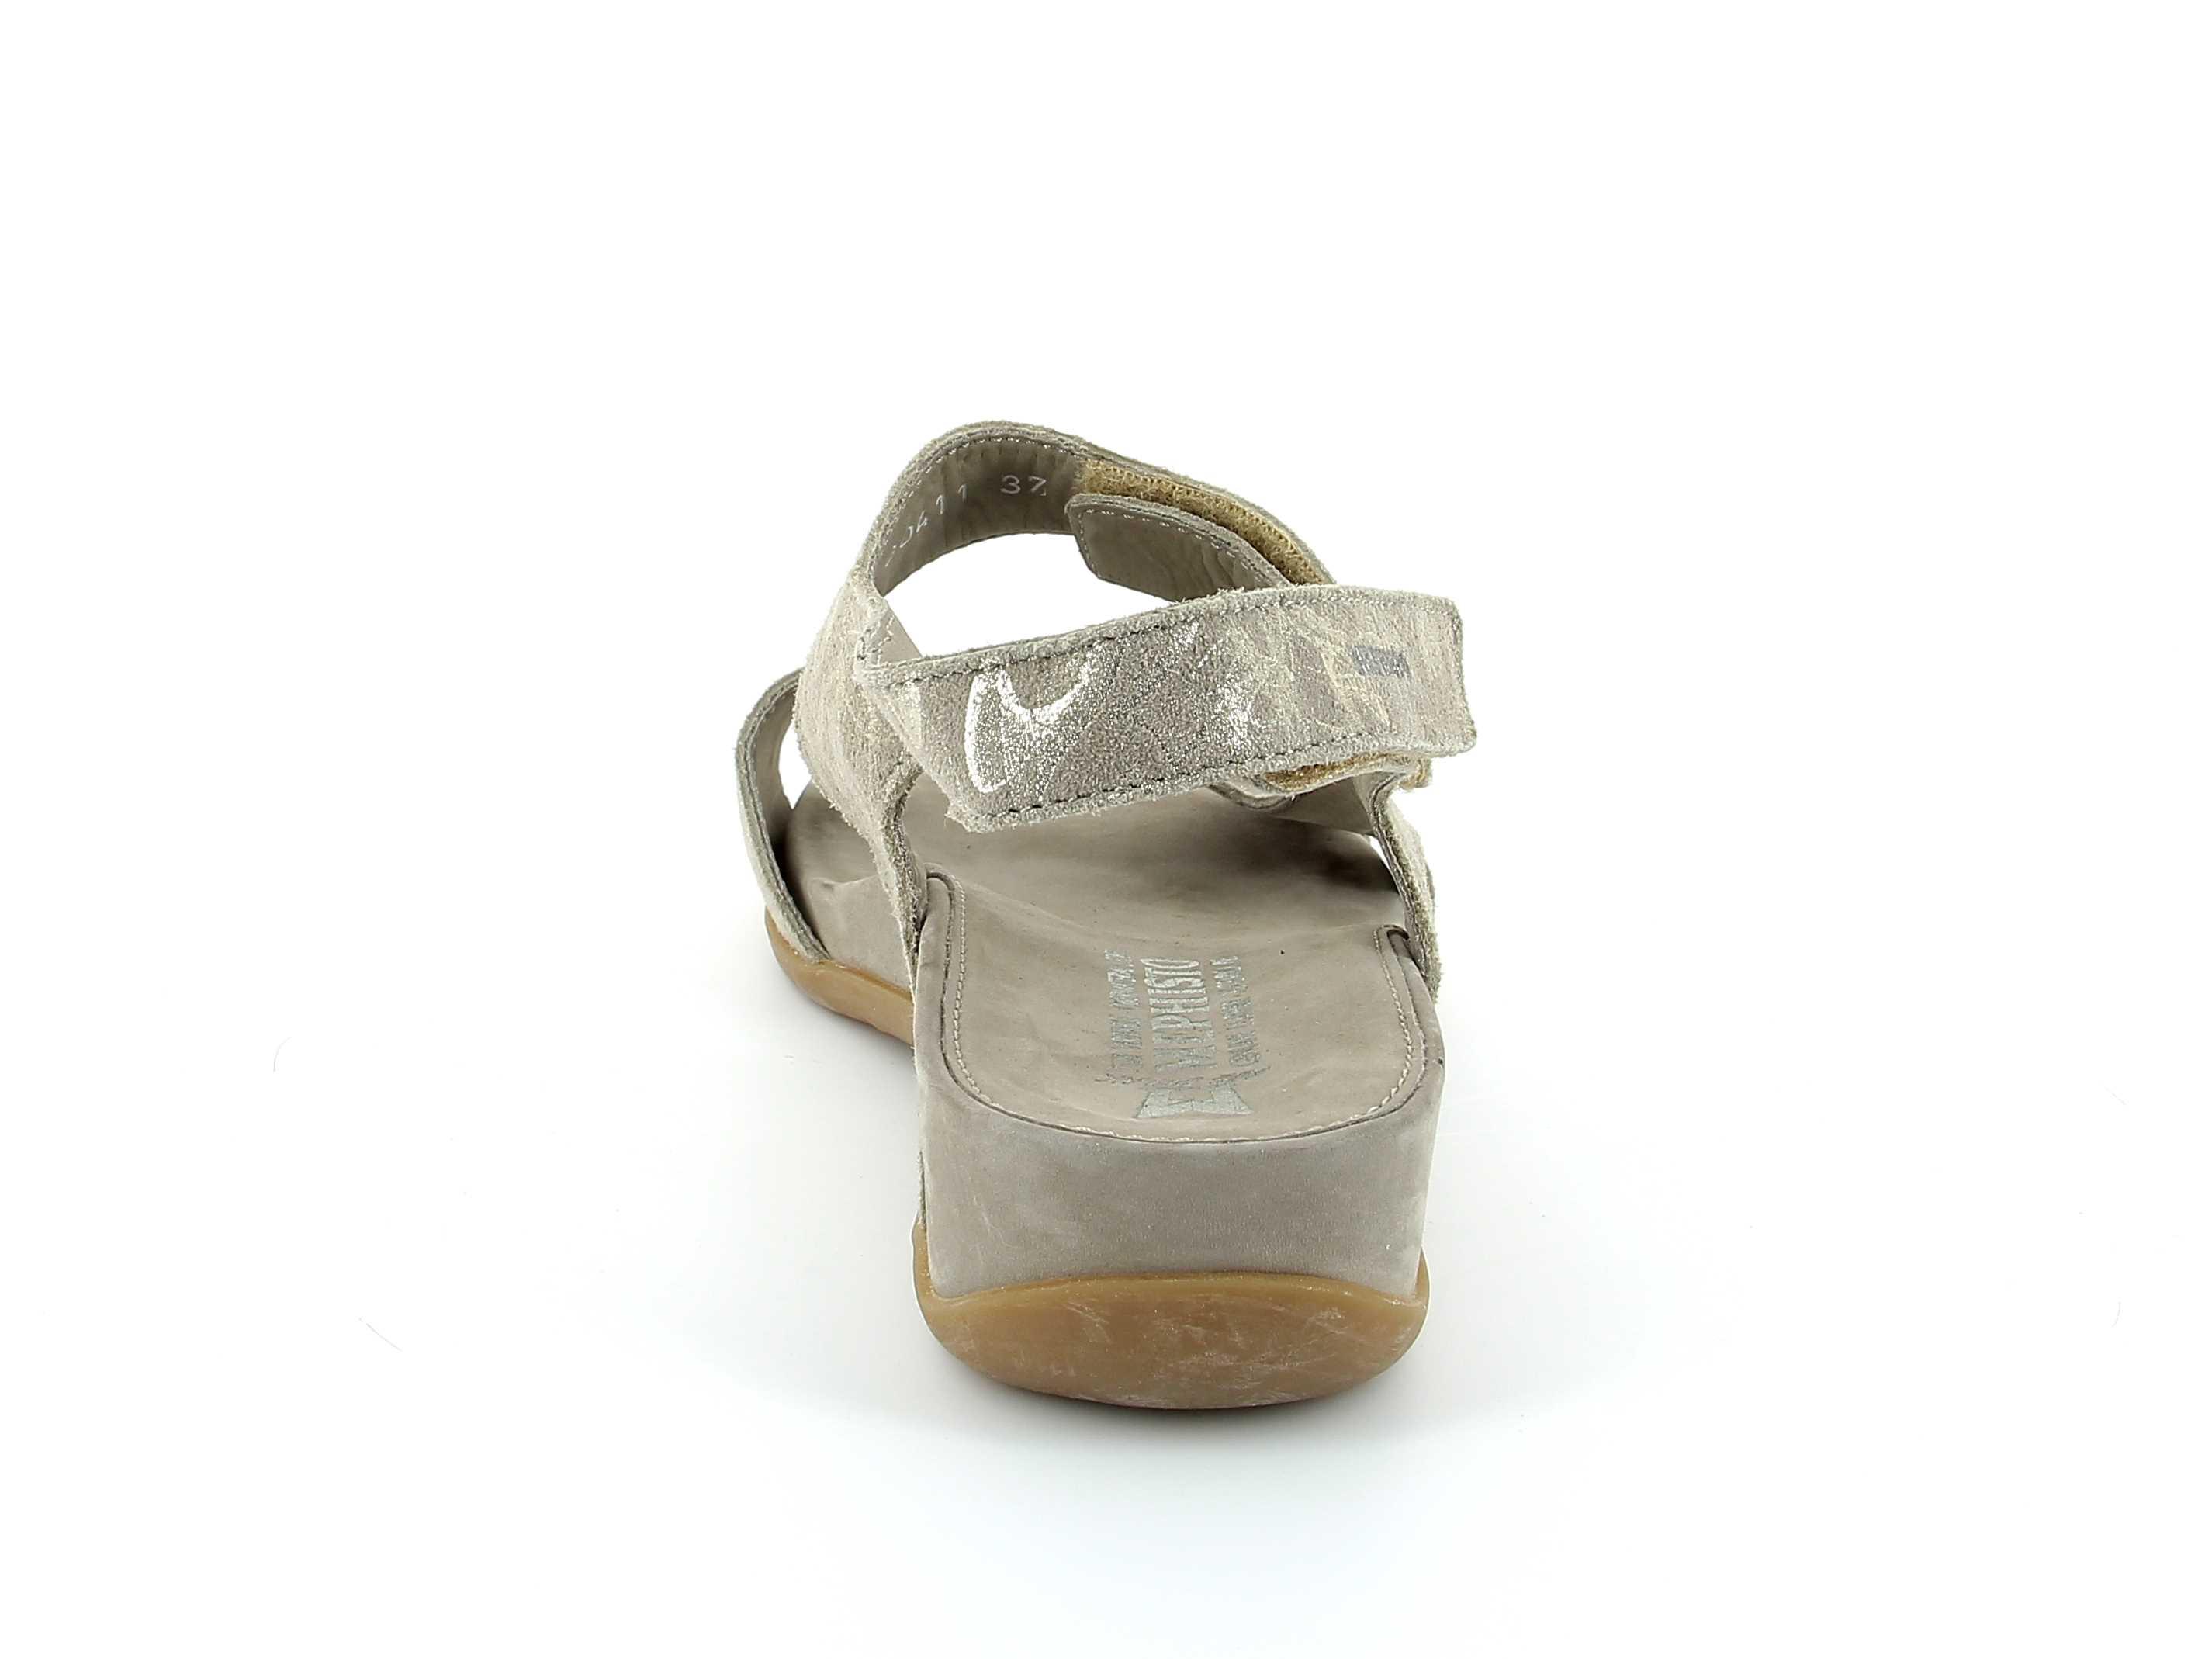 4a9317ce5fc221 Mephisto-Shop chaussures confortables sandales femme - modèle JULIET ...